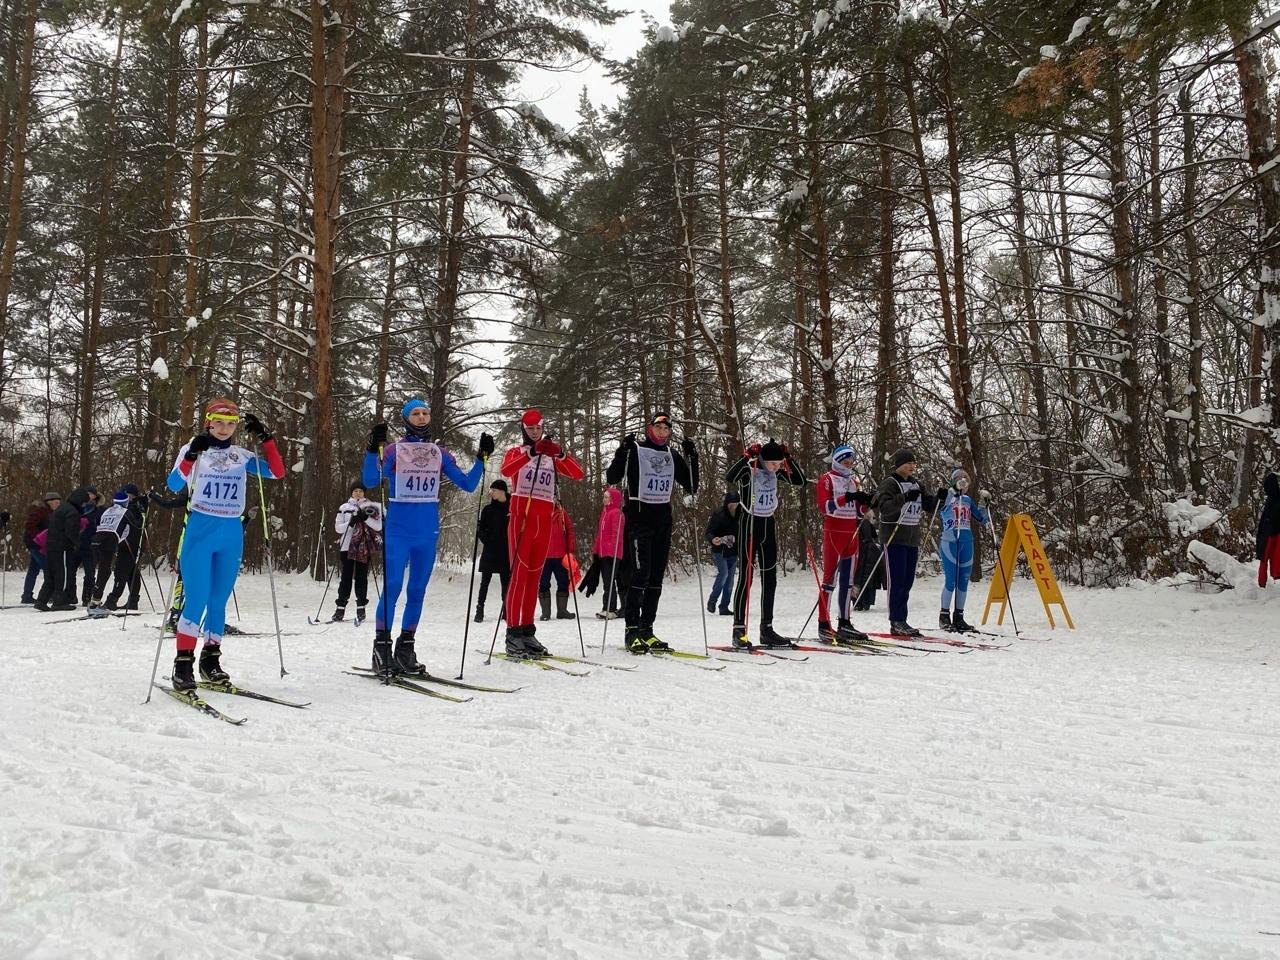 В Петровске состоялось первенство детско-юношеской спортивной школы по лыжным гонкам